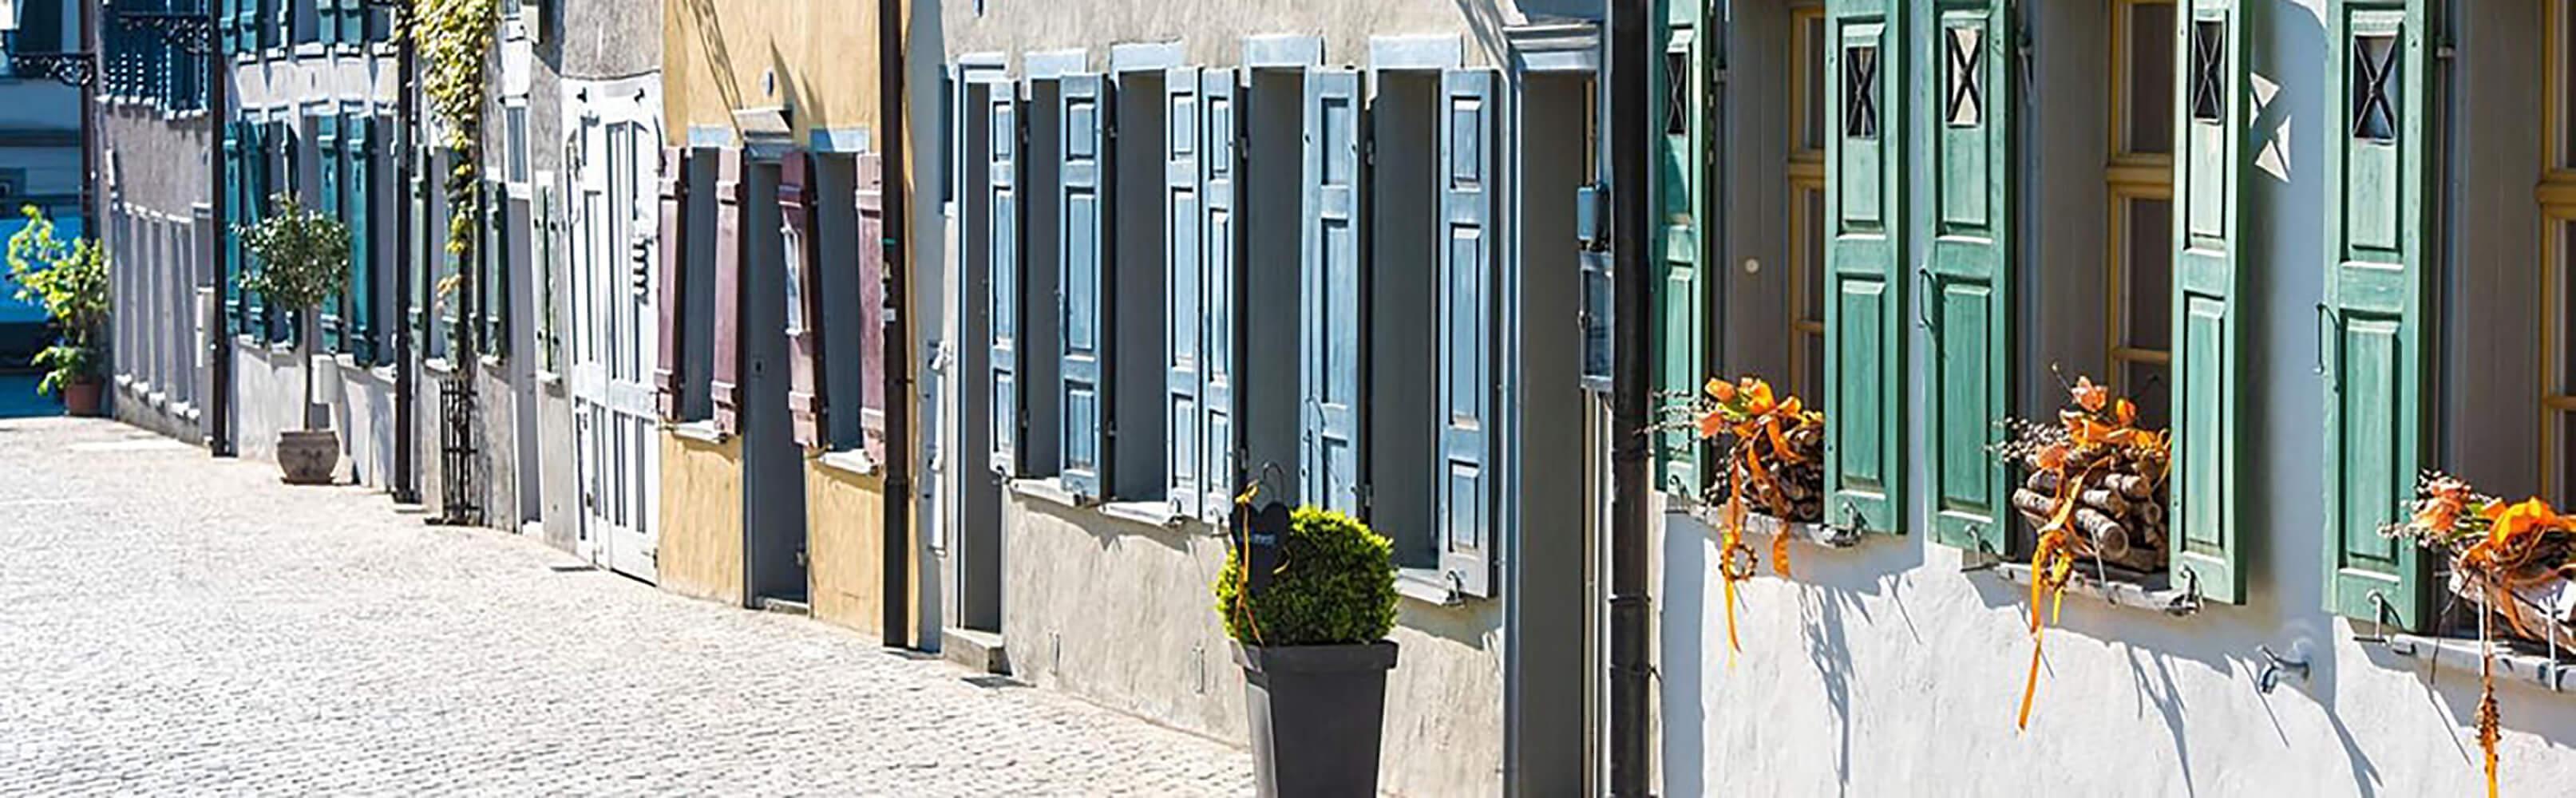 Altstadt St. Gallen 1